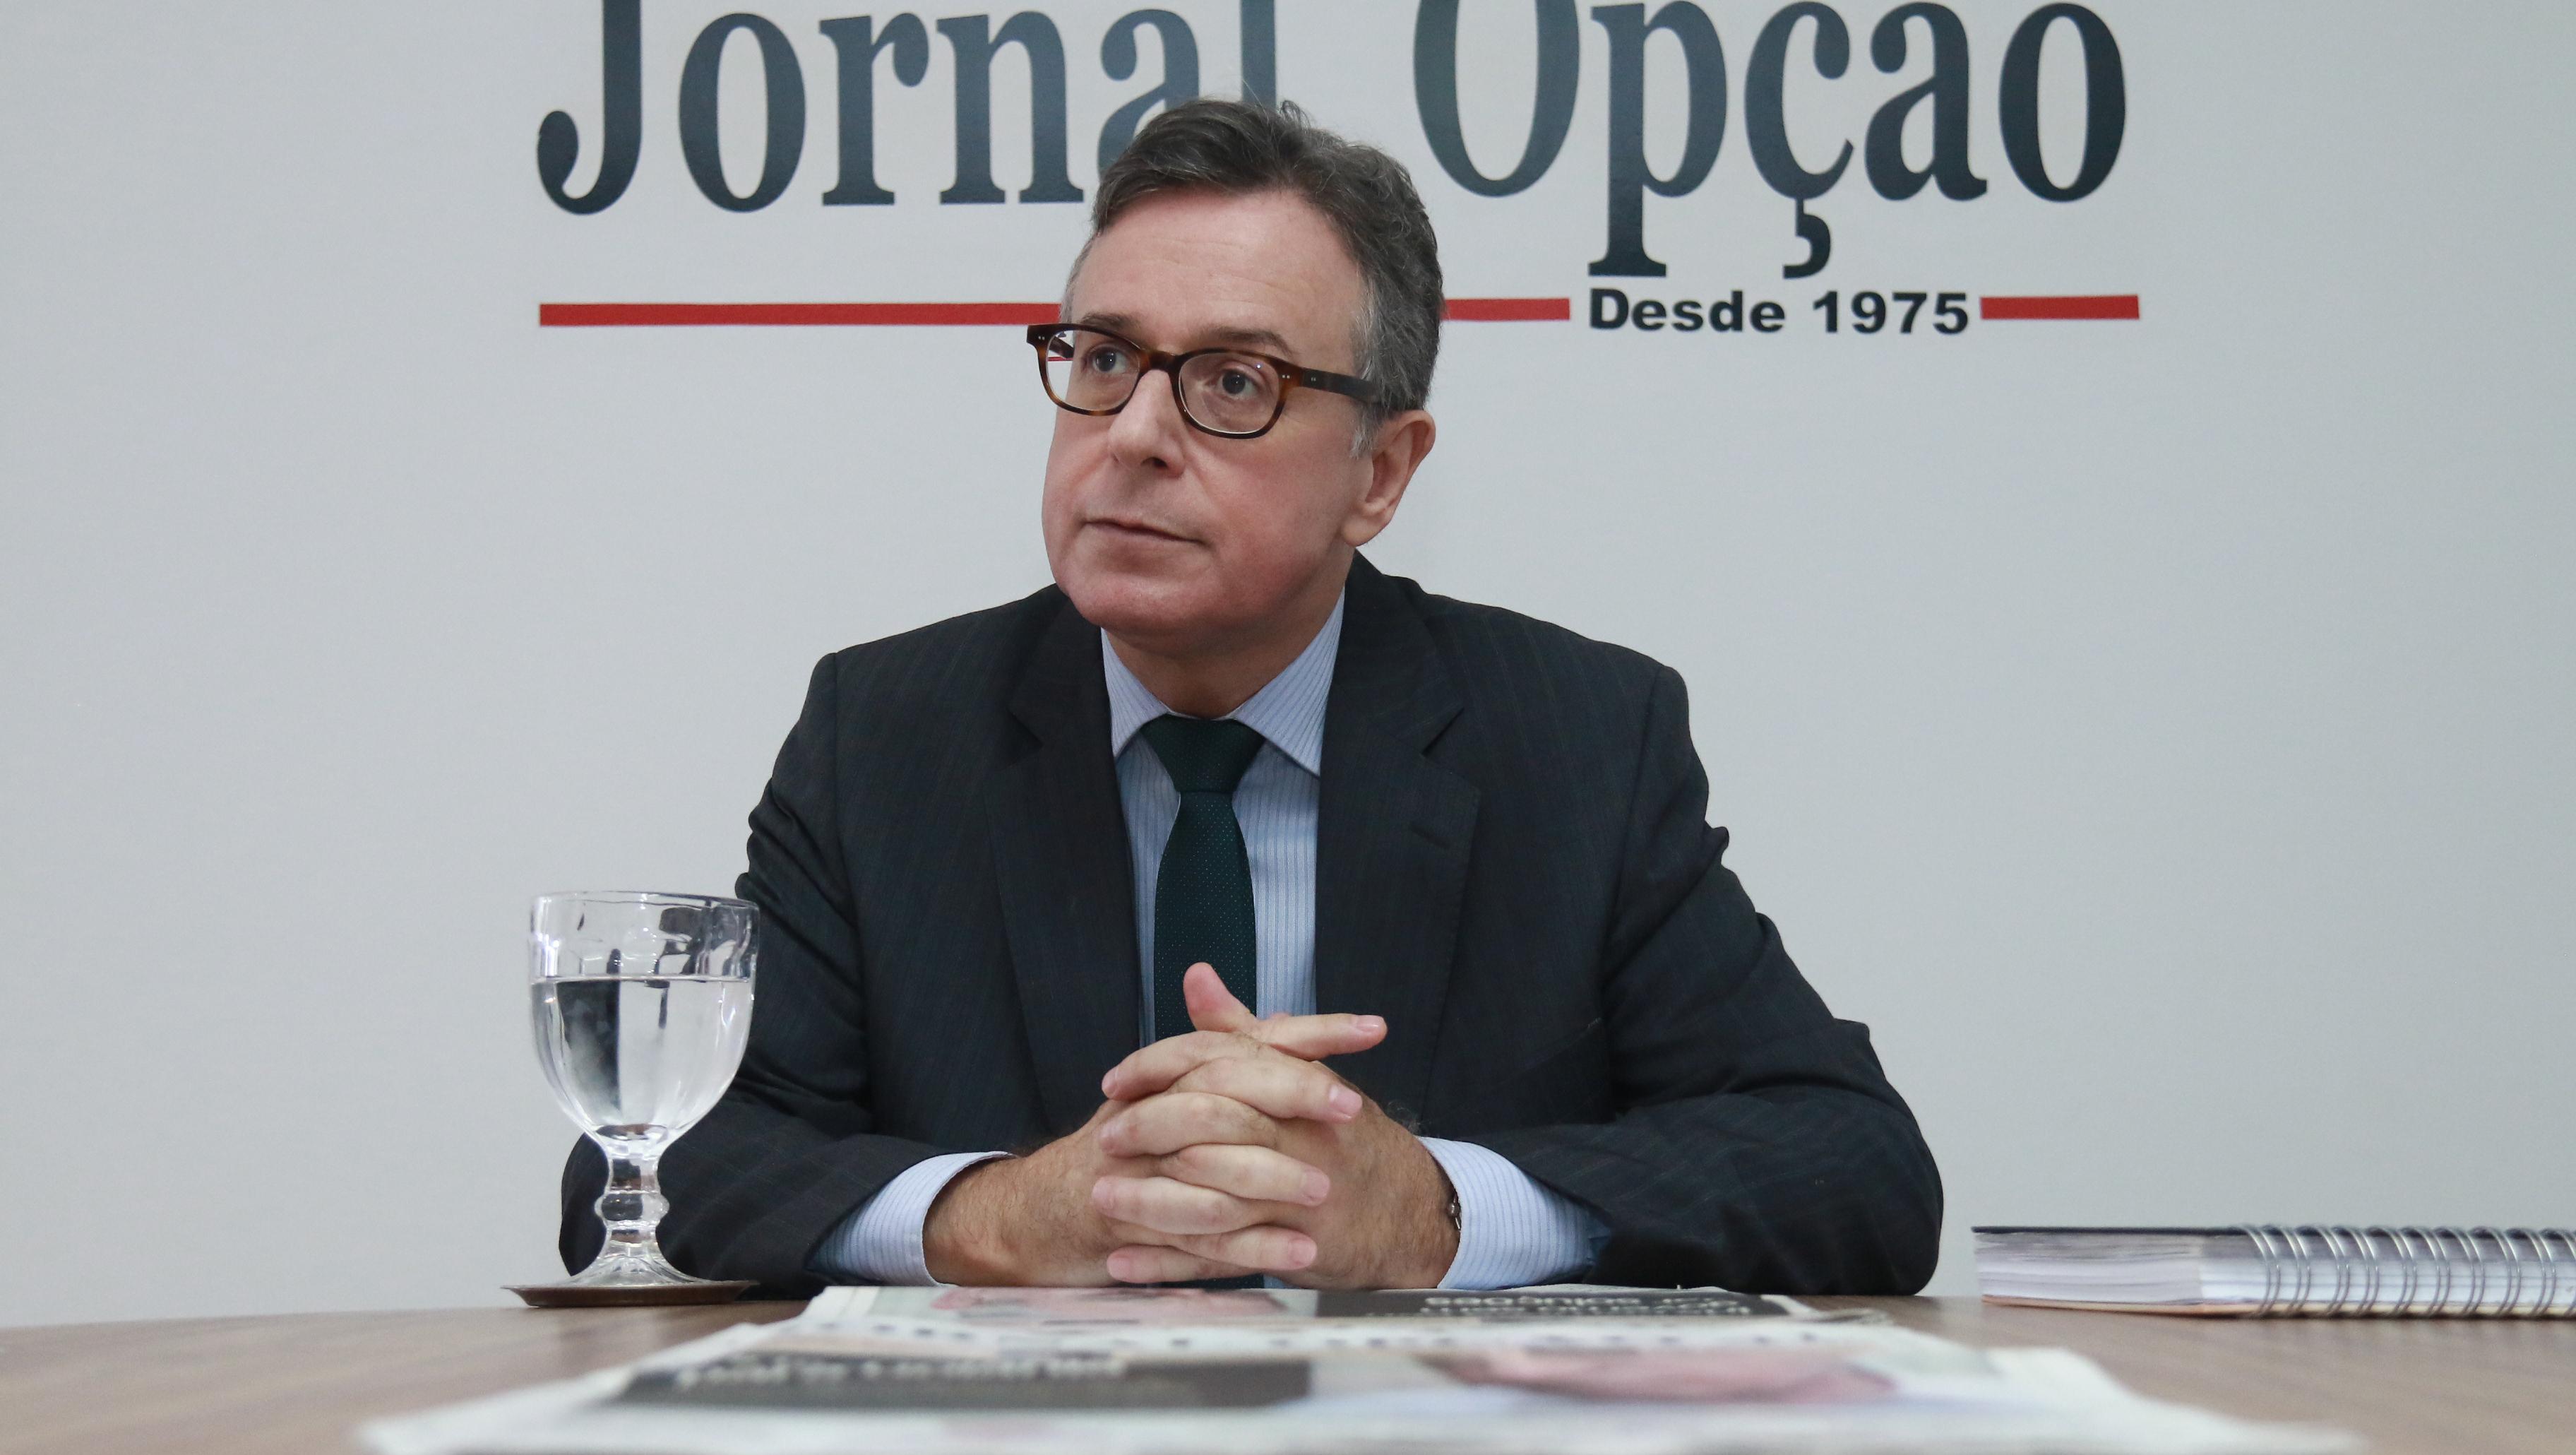 Ricardo Balestreri confirma que assumirá Gabinete de Assuntos Estratégicos